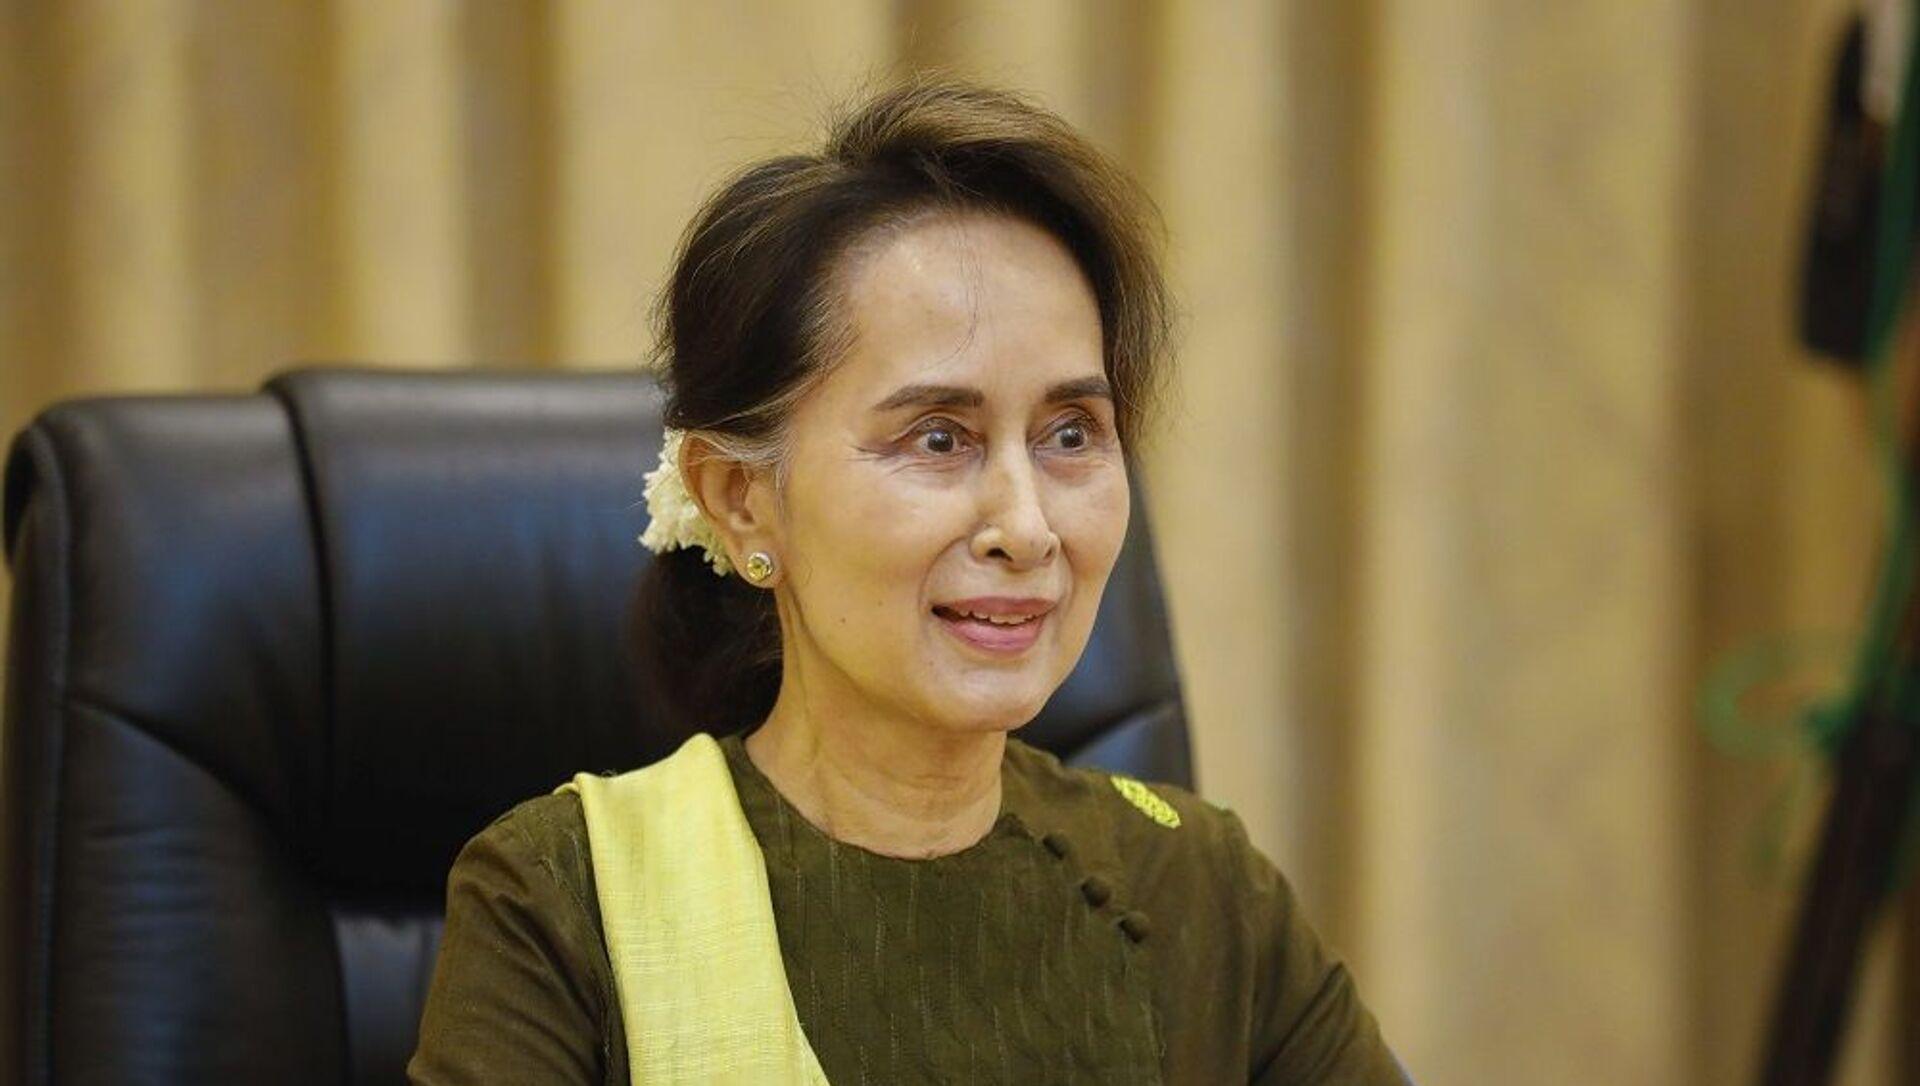 Aung San Suu Kyi, Bộ trưởng Ngoại giao Myanmar và Quốc vụ khanh cho Tổng thống - Sputnik Việt Nam, 1920, 23.03.2021